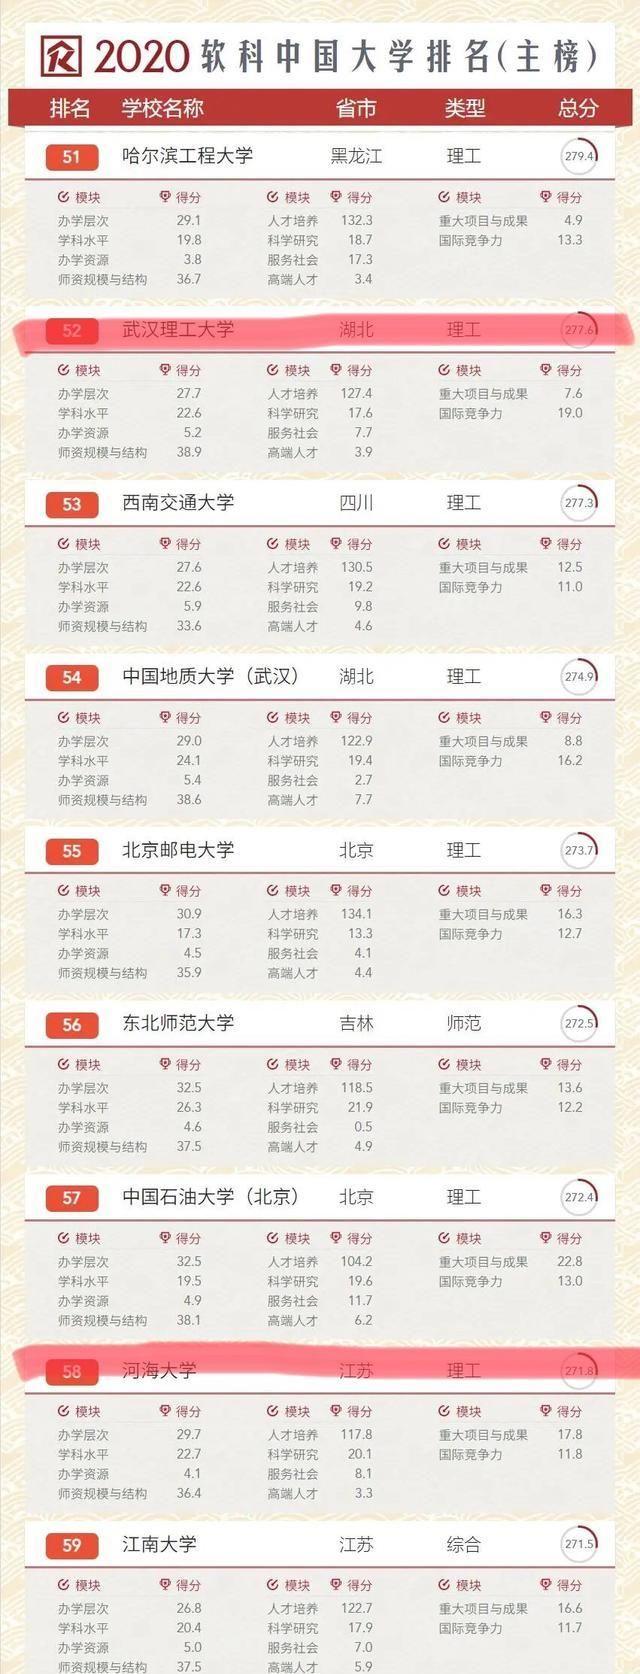 三所理工类院校:武汉理工、河海大学、中国矿业大学,你怎么选